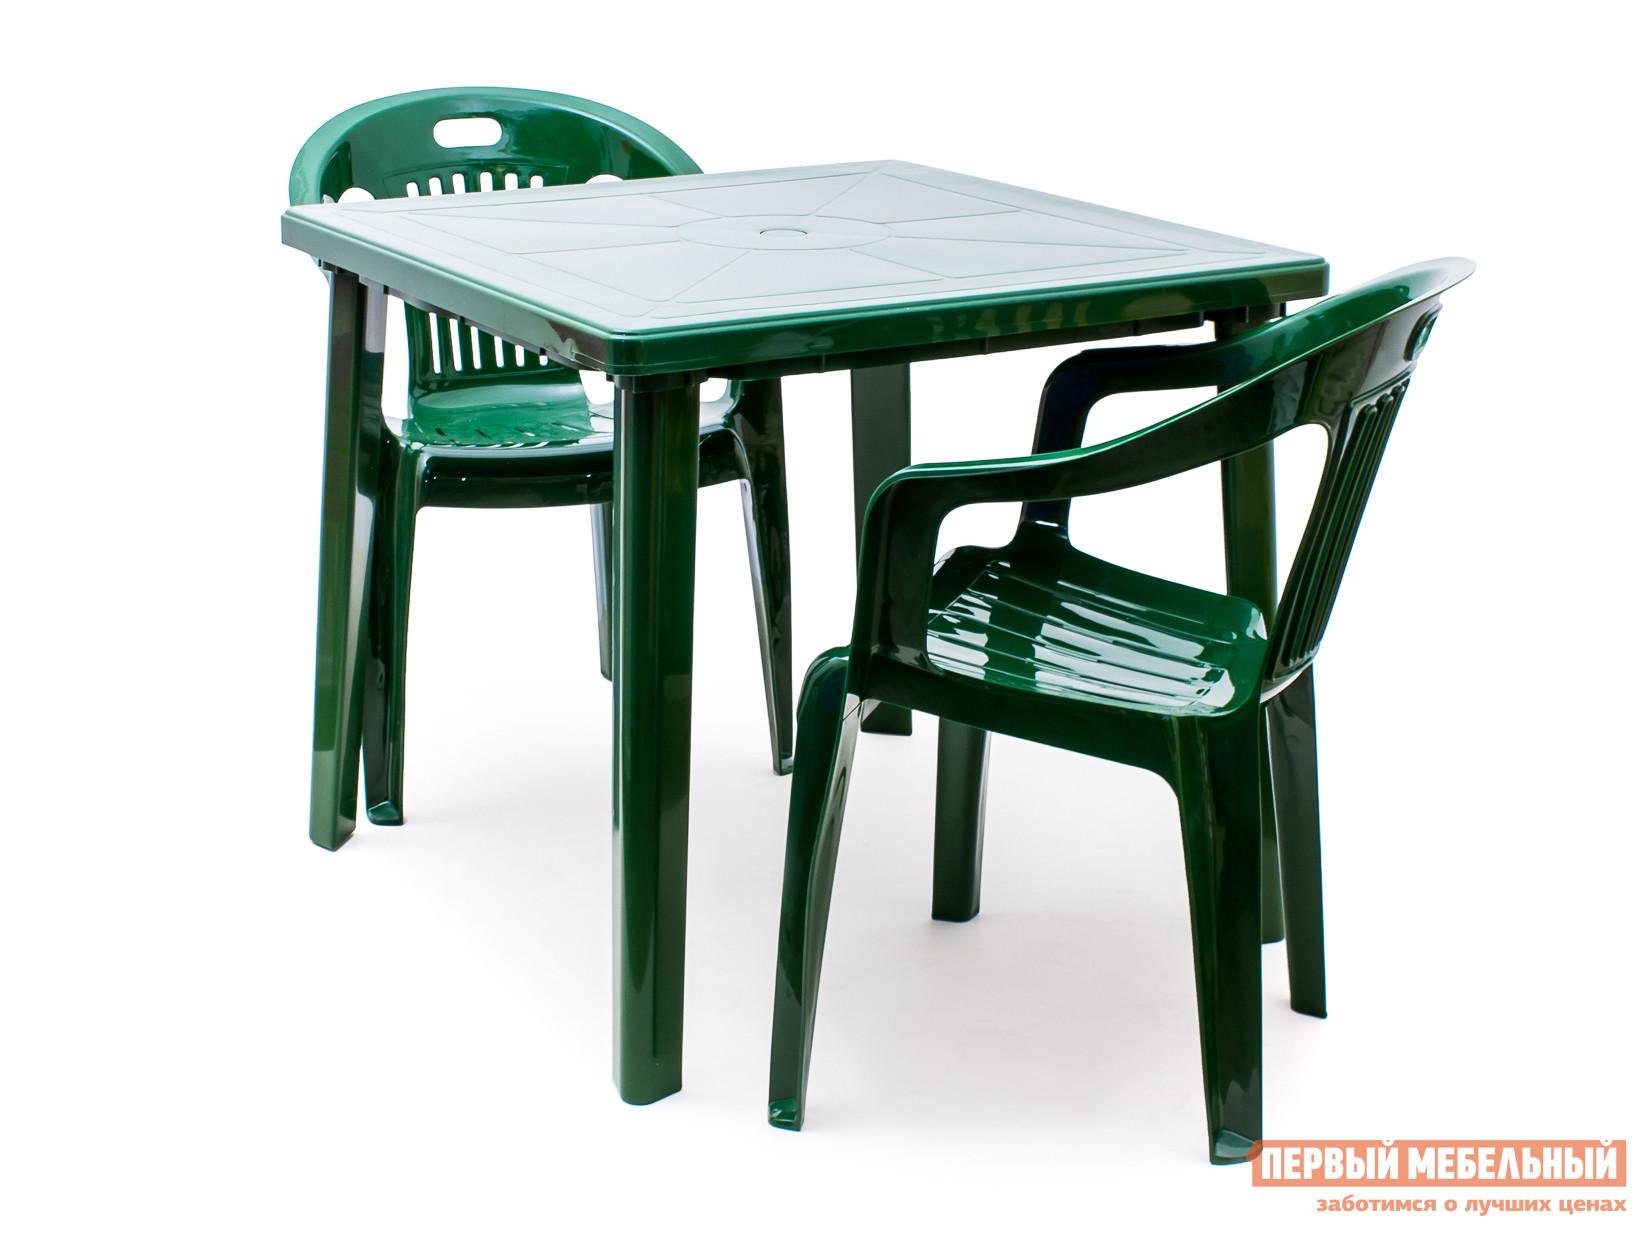 Набор пластиковой мебели Стандарт Пластик Стол квадратный (800х800х710) + Кресло №5 Комфорт-1 (540x535x780мм), 2 шт. Темно-зеленыйНаборы пластиковой мебели<br>Габаритные размеры ВхШхГ xx мм. Стол квадратный 800х800х710 + Кресло №5 Комфорт-1 образуют удобную обеденную группу для отдыха на даче, в летнем кафе или на пляже.  При необходимости можно заказать два дополнительных кресла и увеличить число сидячих мест. Пластиковая мебель отличается простотой в уходе и хранении.  Поэтому ее так часто выбирают в качестве летней мебели как для личного пользования, так и для общественных мест.  Мебель не выцветает, устойчива к жаркому солнцу и дождям.  Только ураганный ветер может причинить неудобства, так как вес мебели незначительный.   Заказать пластиковую мебель сразу с доставкой на дачу или в кафе можно в интернет-магазине «Купистол».<br><br>Цвет: Зеленый<br>Кол-во упаковок: 3<br>Форма поставки: В разобранном виде<br>Срок гарантии: 1 год<br>Тип: На 2 персоны